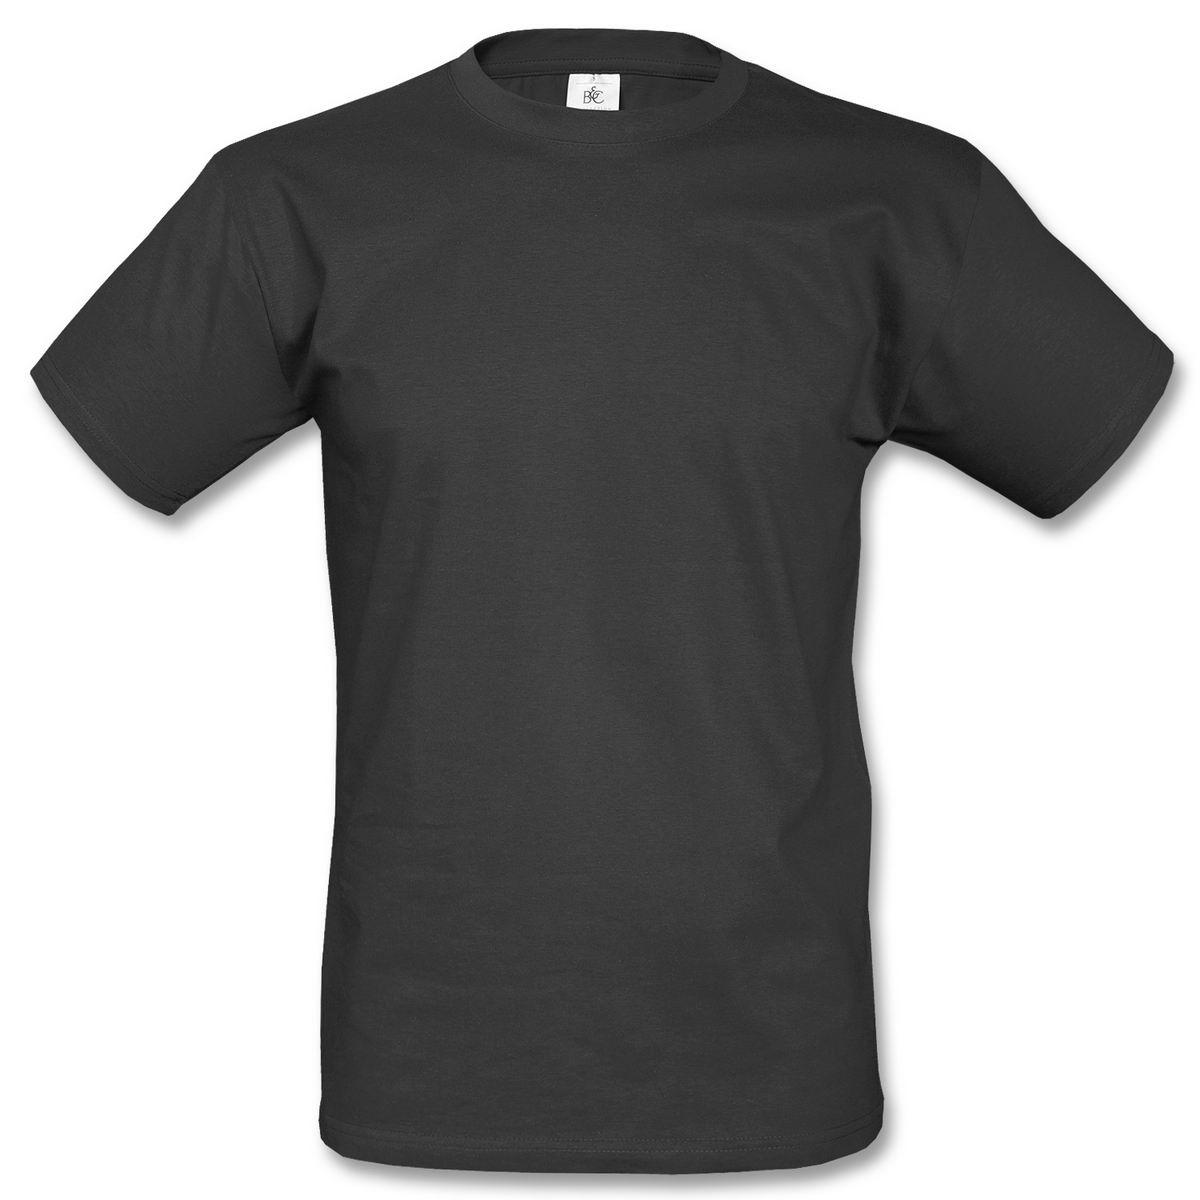 basic t shirt im bundeswehr und freizeitshop. Black Bedroom Furniture Sets. Home Design Ideas